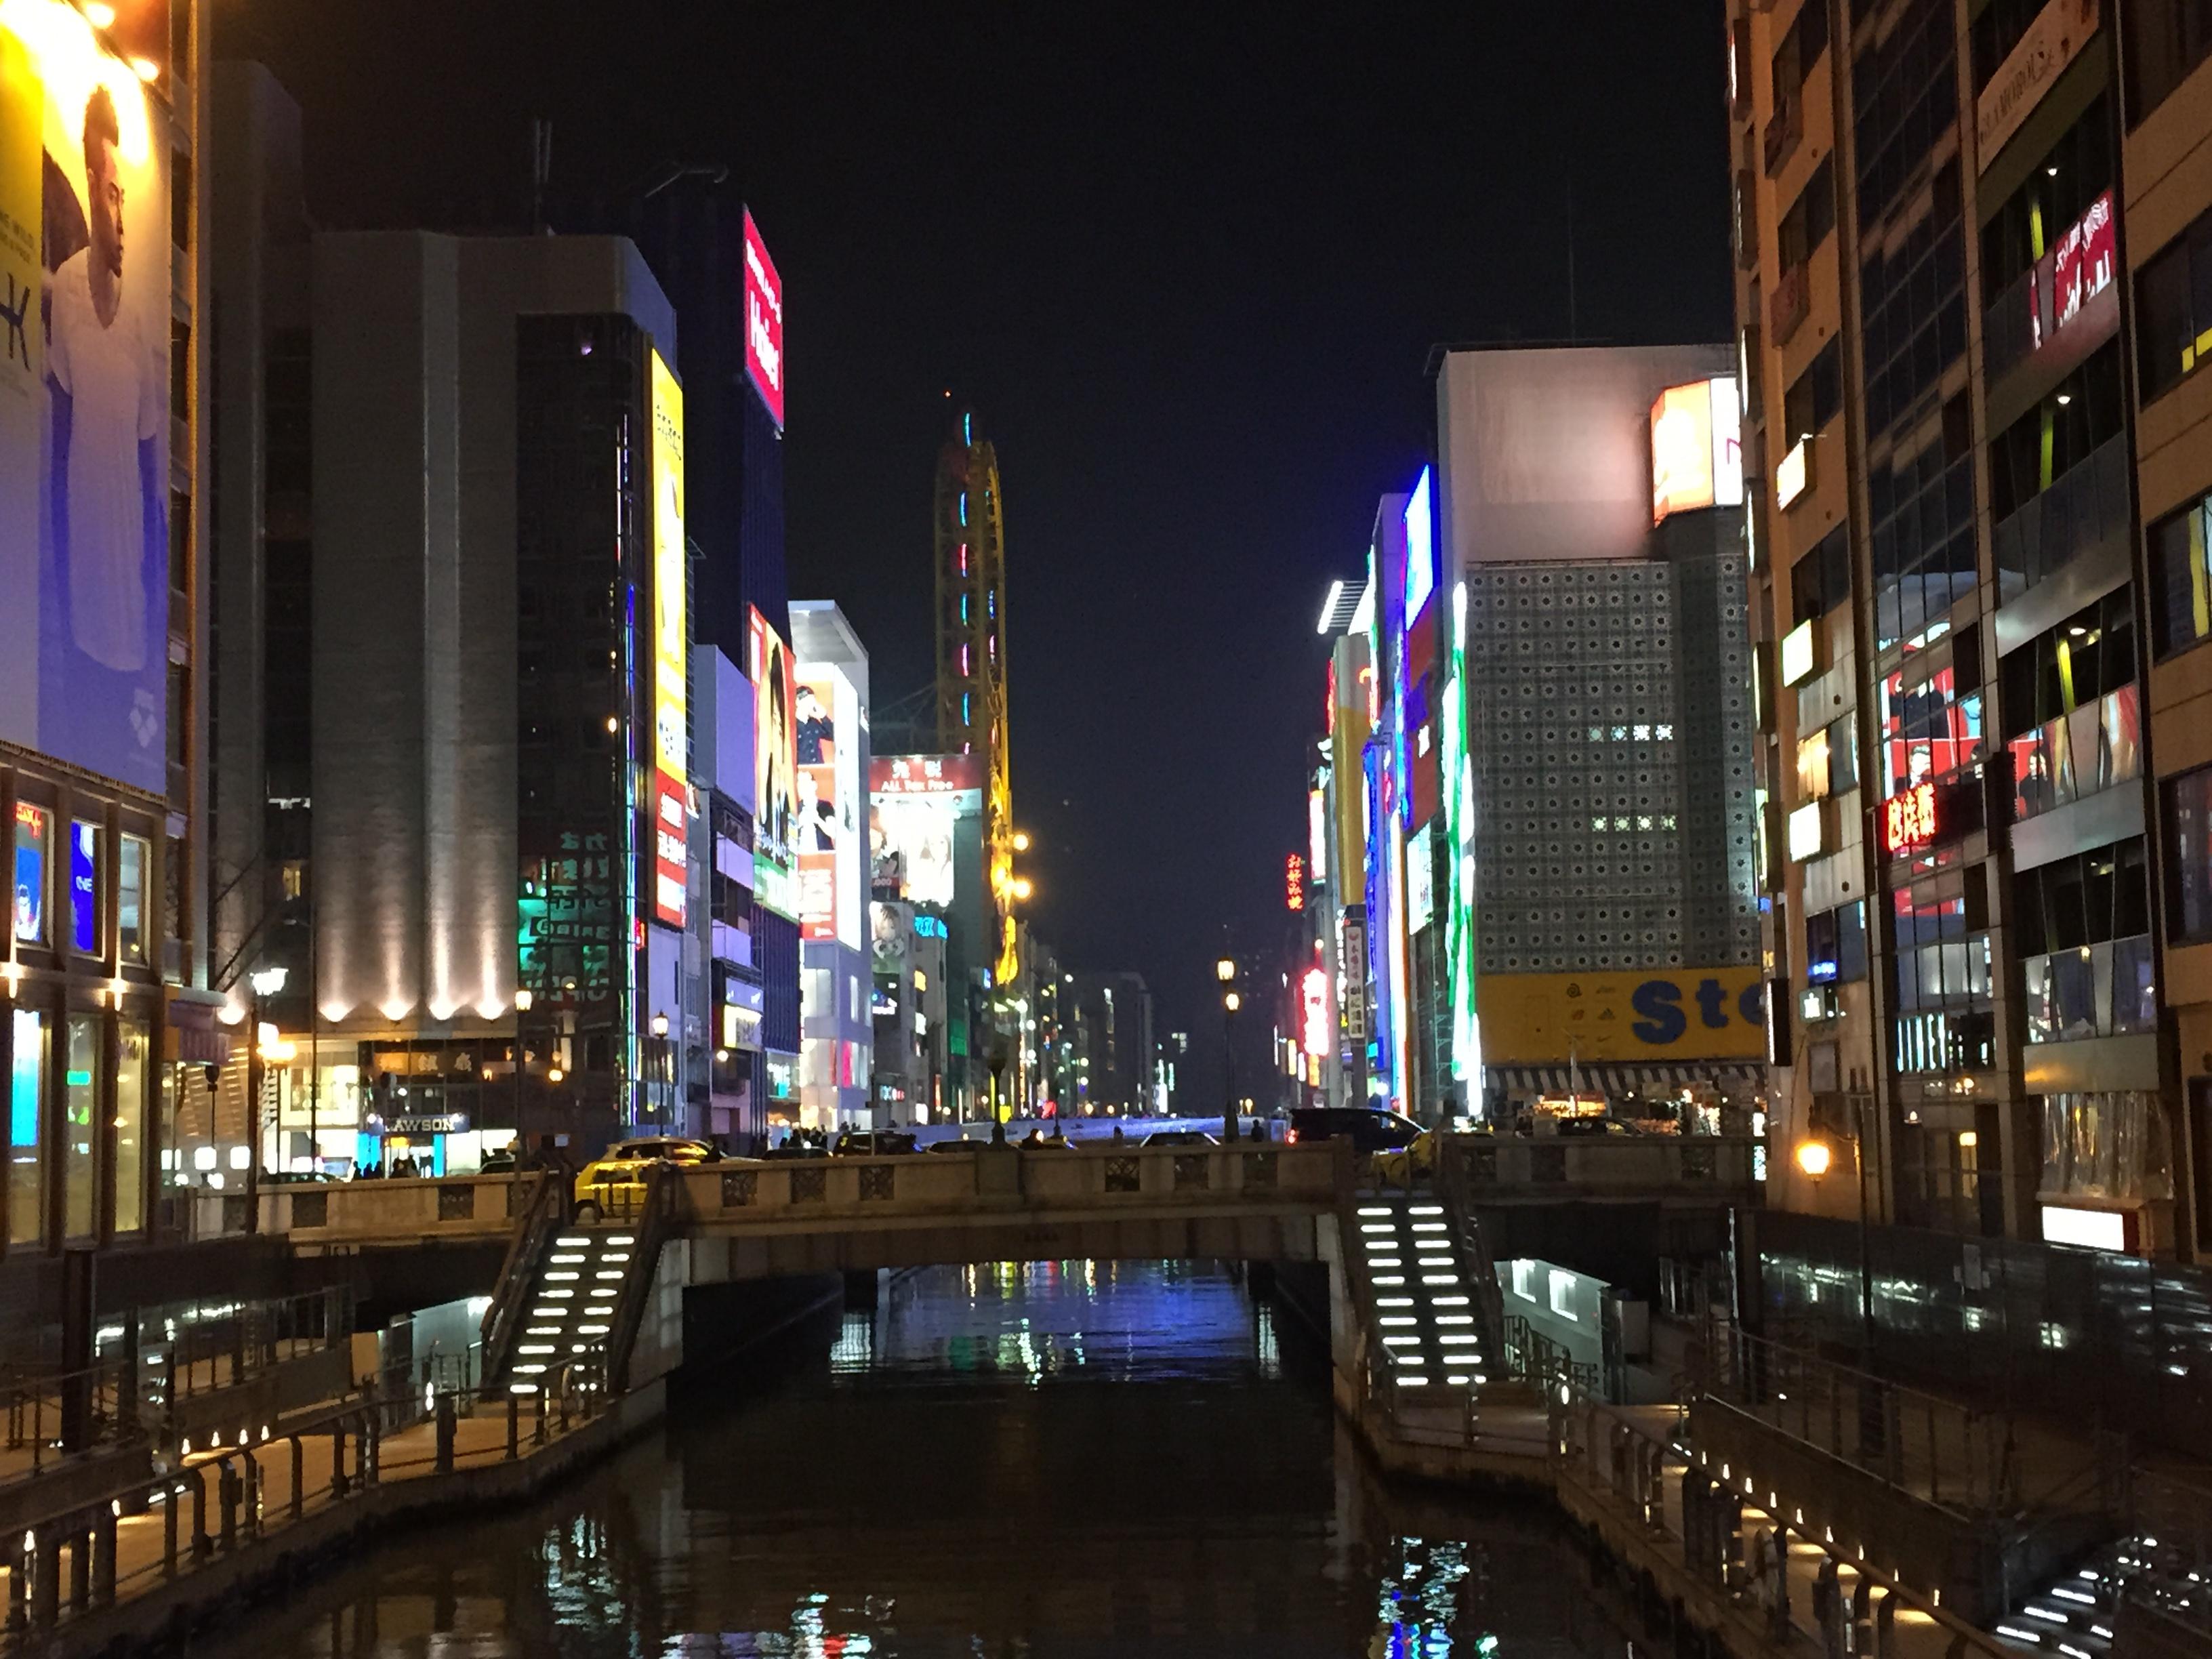 Der Lieblingsstadtteil der Touristen mit der riesigen Werbung.